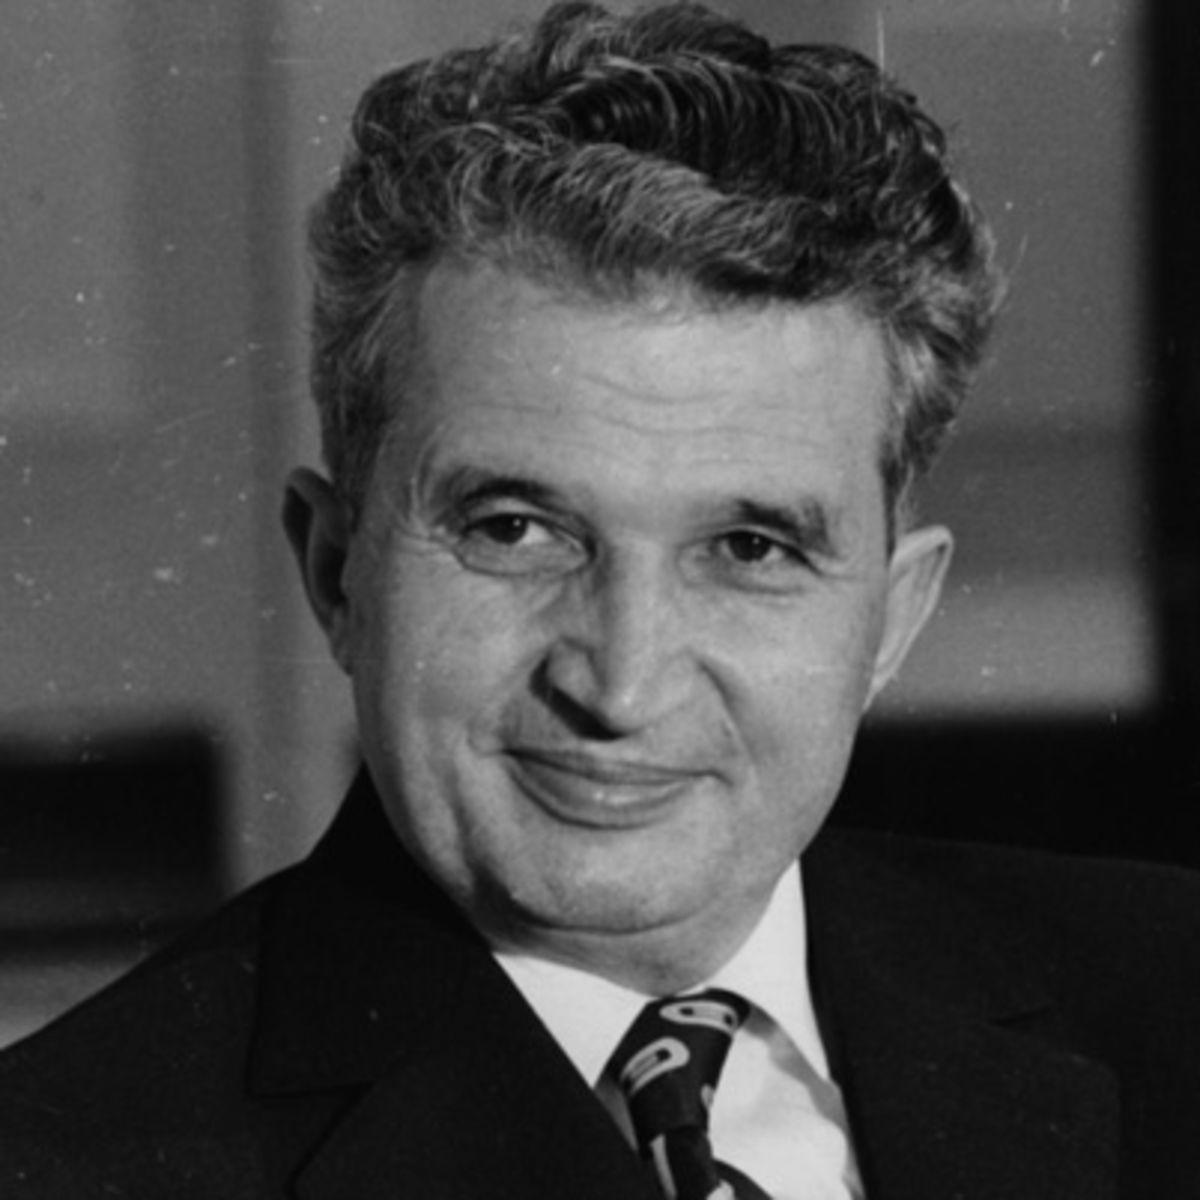 Din culisele istoriei! Putini stiu CINE este femeia care i-a pus inima pe jar lui Nicolae Ceausescu. Era maritata si acest lucru nu ii dadea pace dictatorului